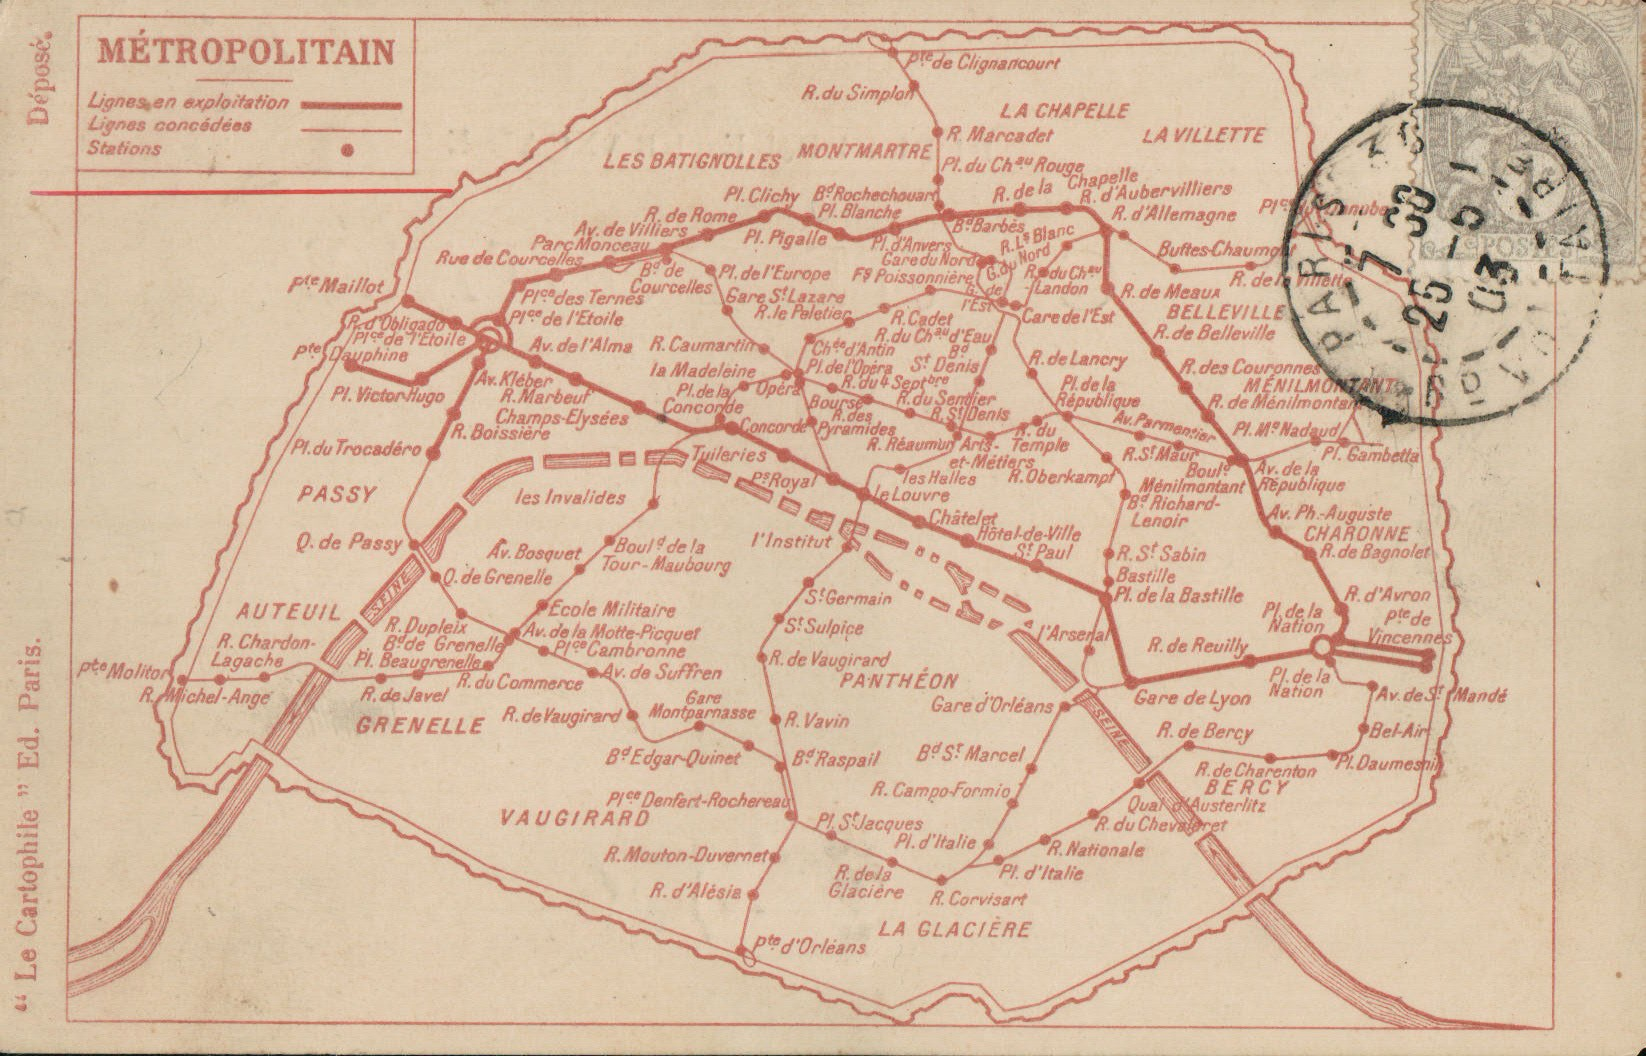 Le plan du métro parisien en 1903